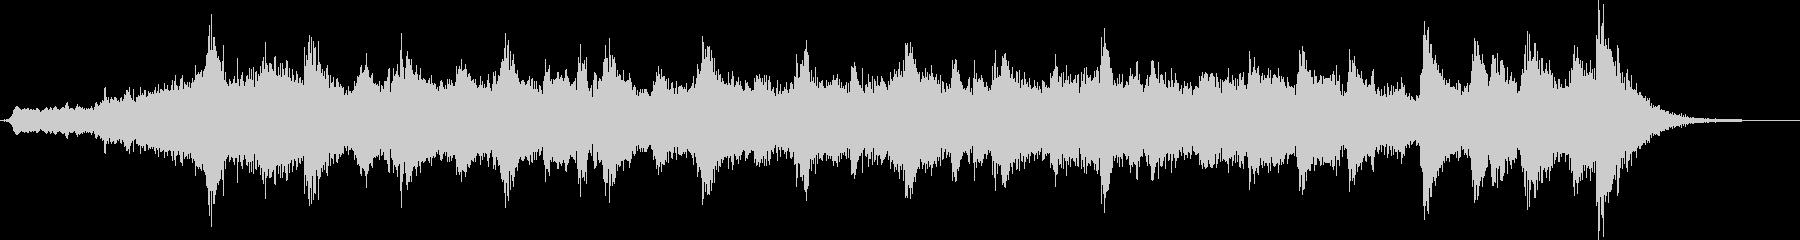 イージーリスニングオーケストライン...の未再生の波形